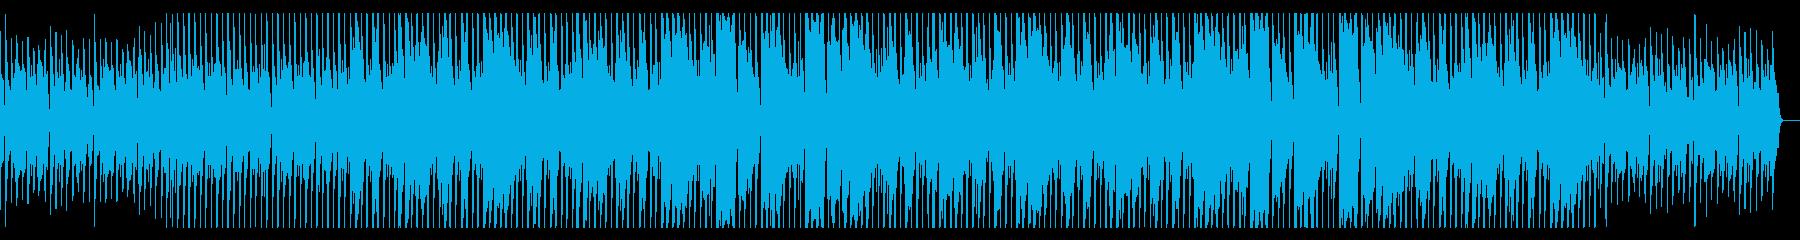 登校シーン等で使える日常系ピアノBGM。の再生済みの波形